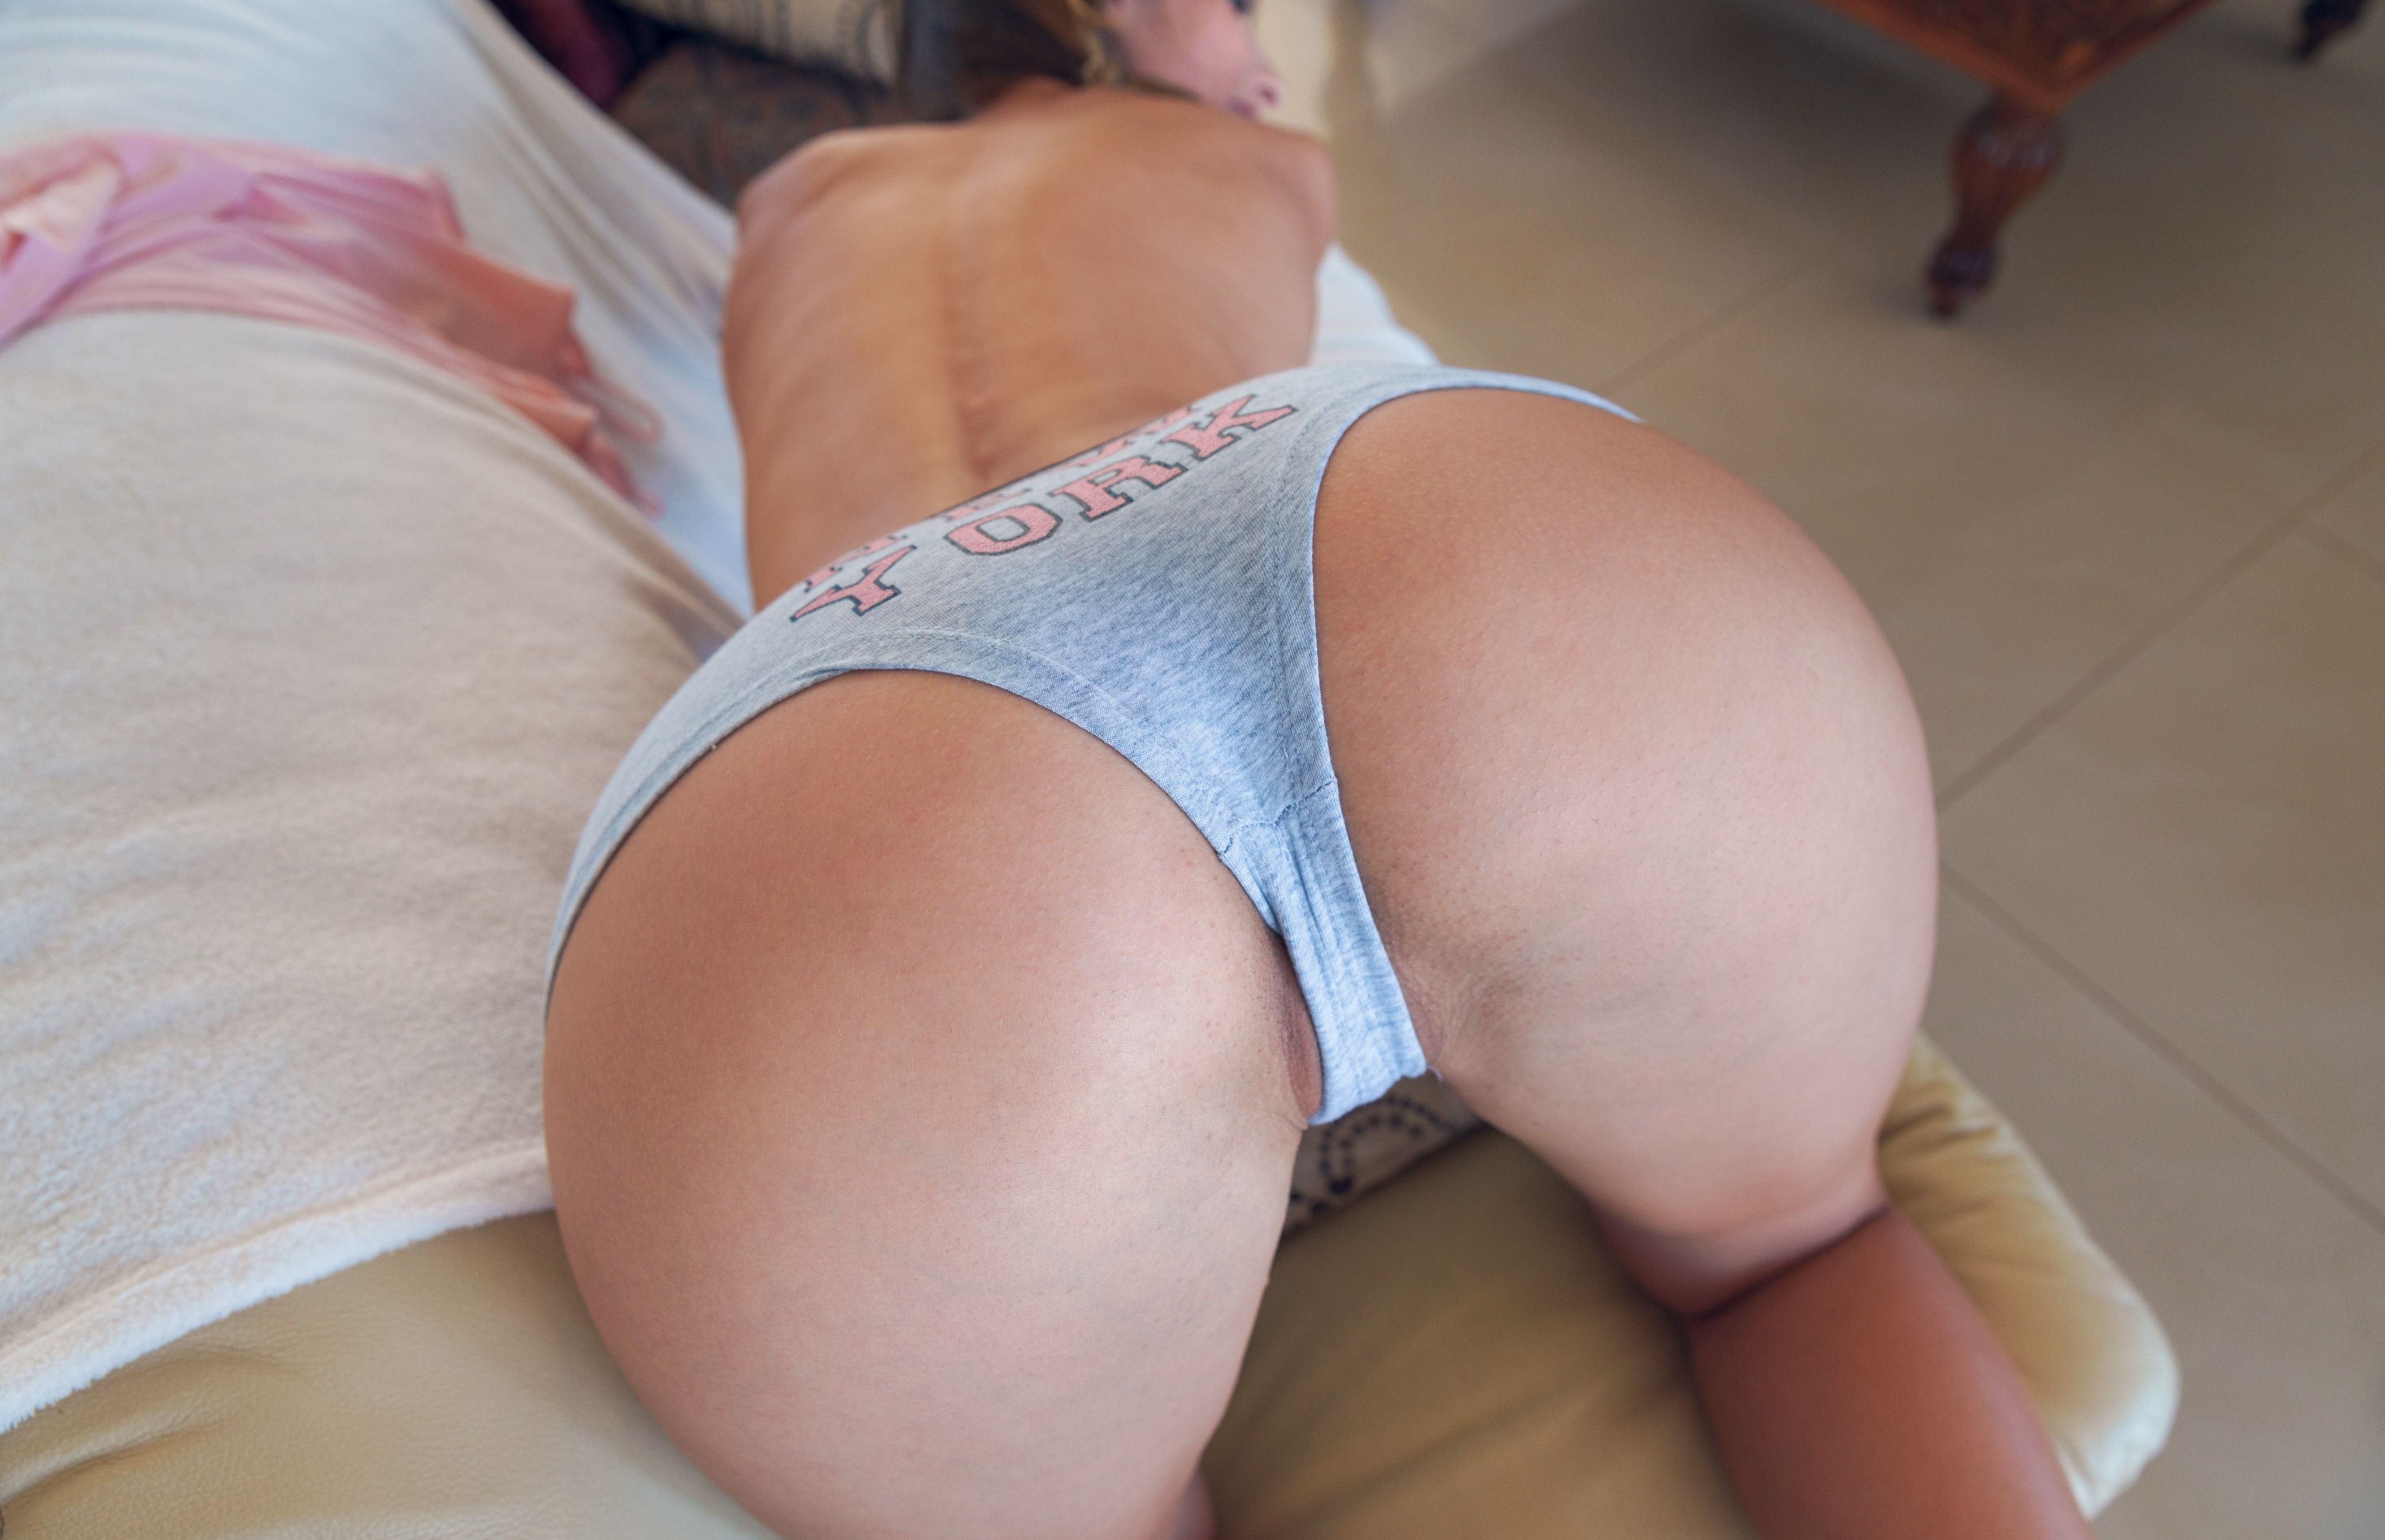 Фото Похотливая задница в спальне, девушка встала раком, сочная попка в серых трусиках, широкие аппетитные булки, скачать картинку бесплатно